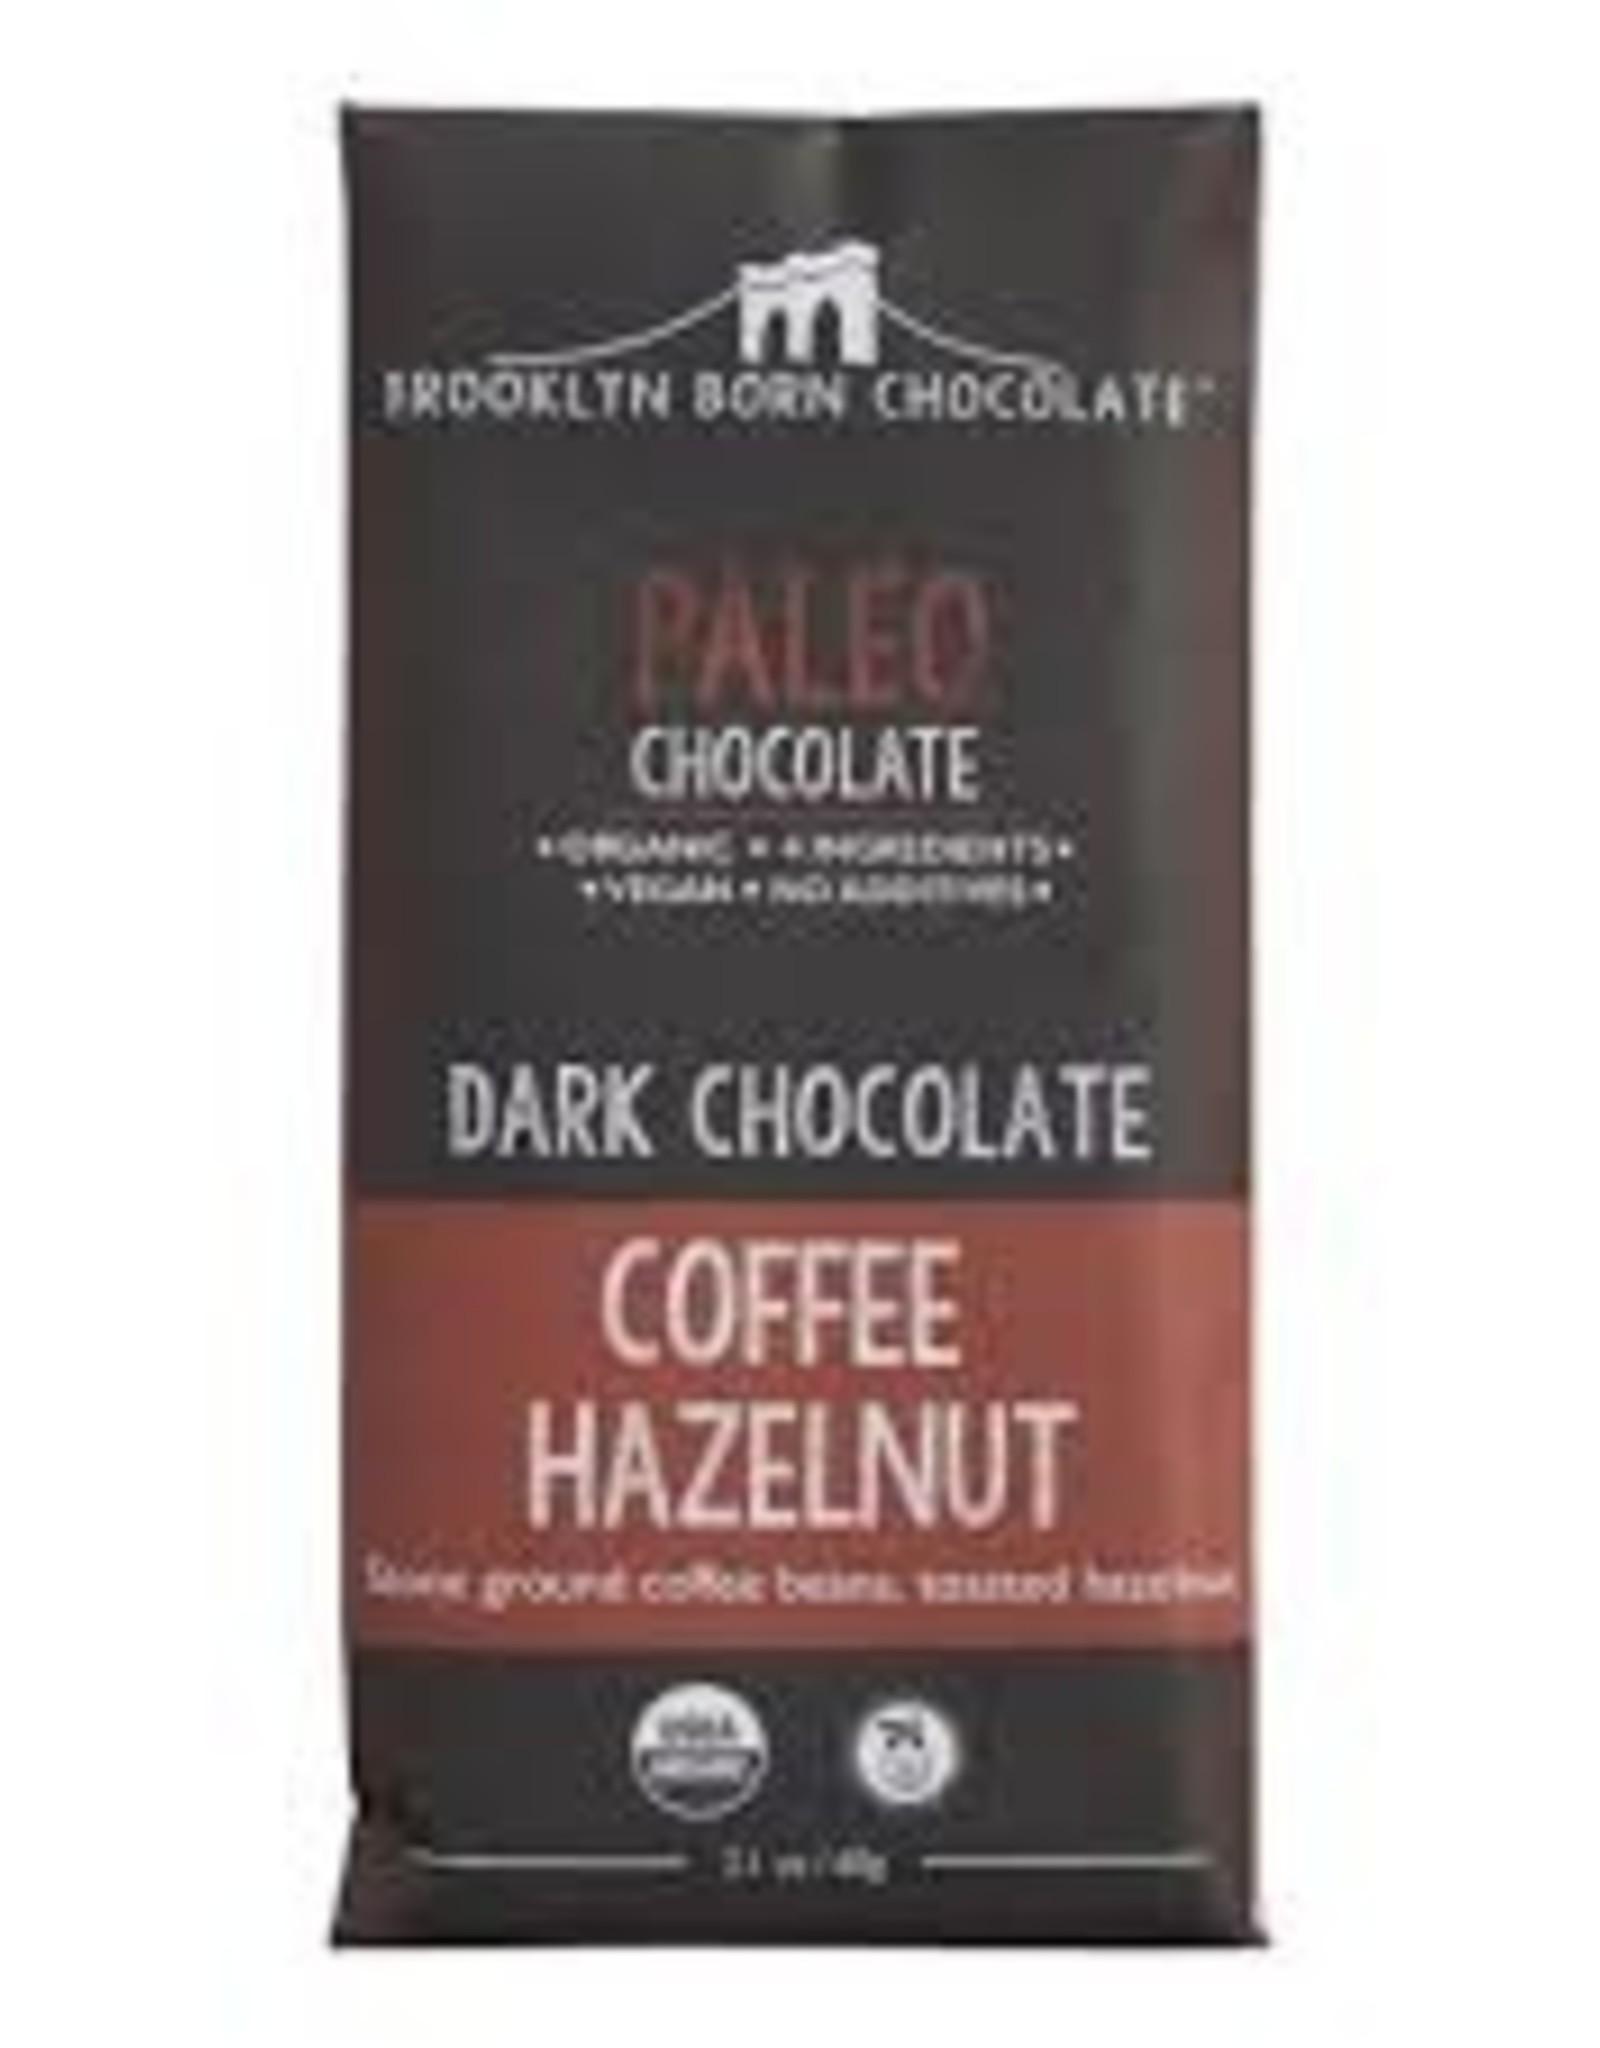 Brooklyn Born Chocolate Brooklyn Born Chocolate - Paleo Bar, Coffee Hazelnut (60g)